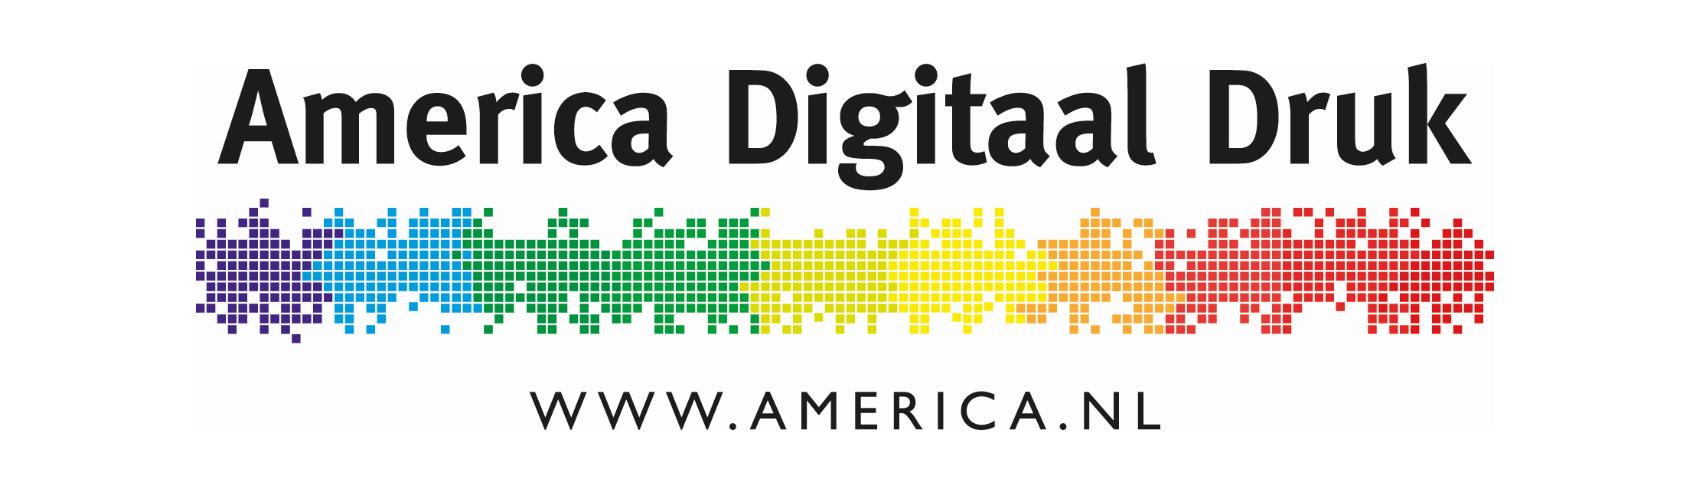 america_digitaal_druk-2